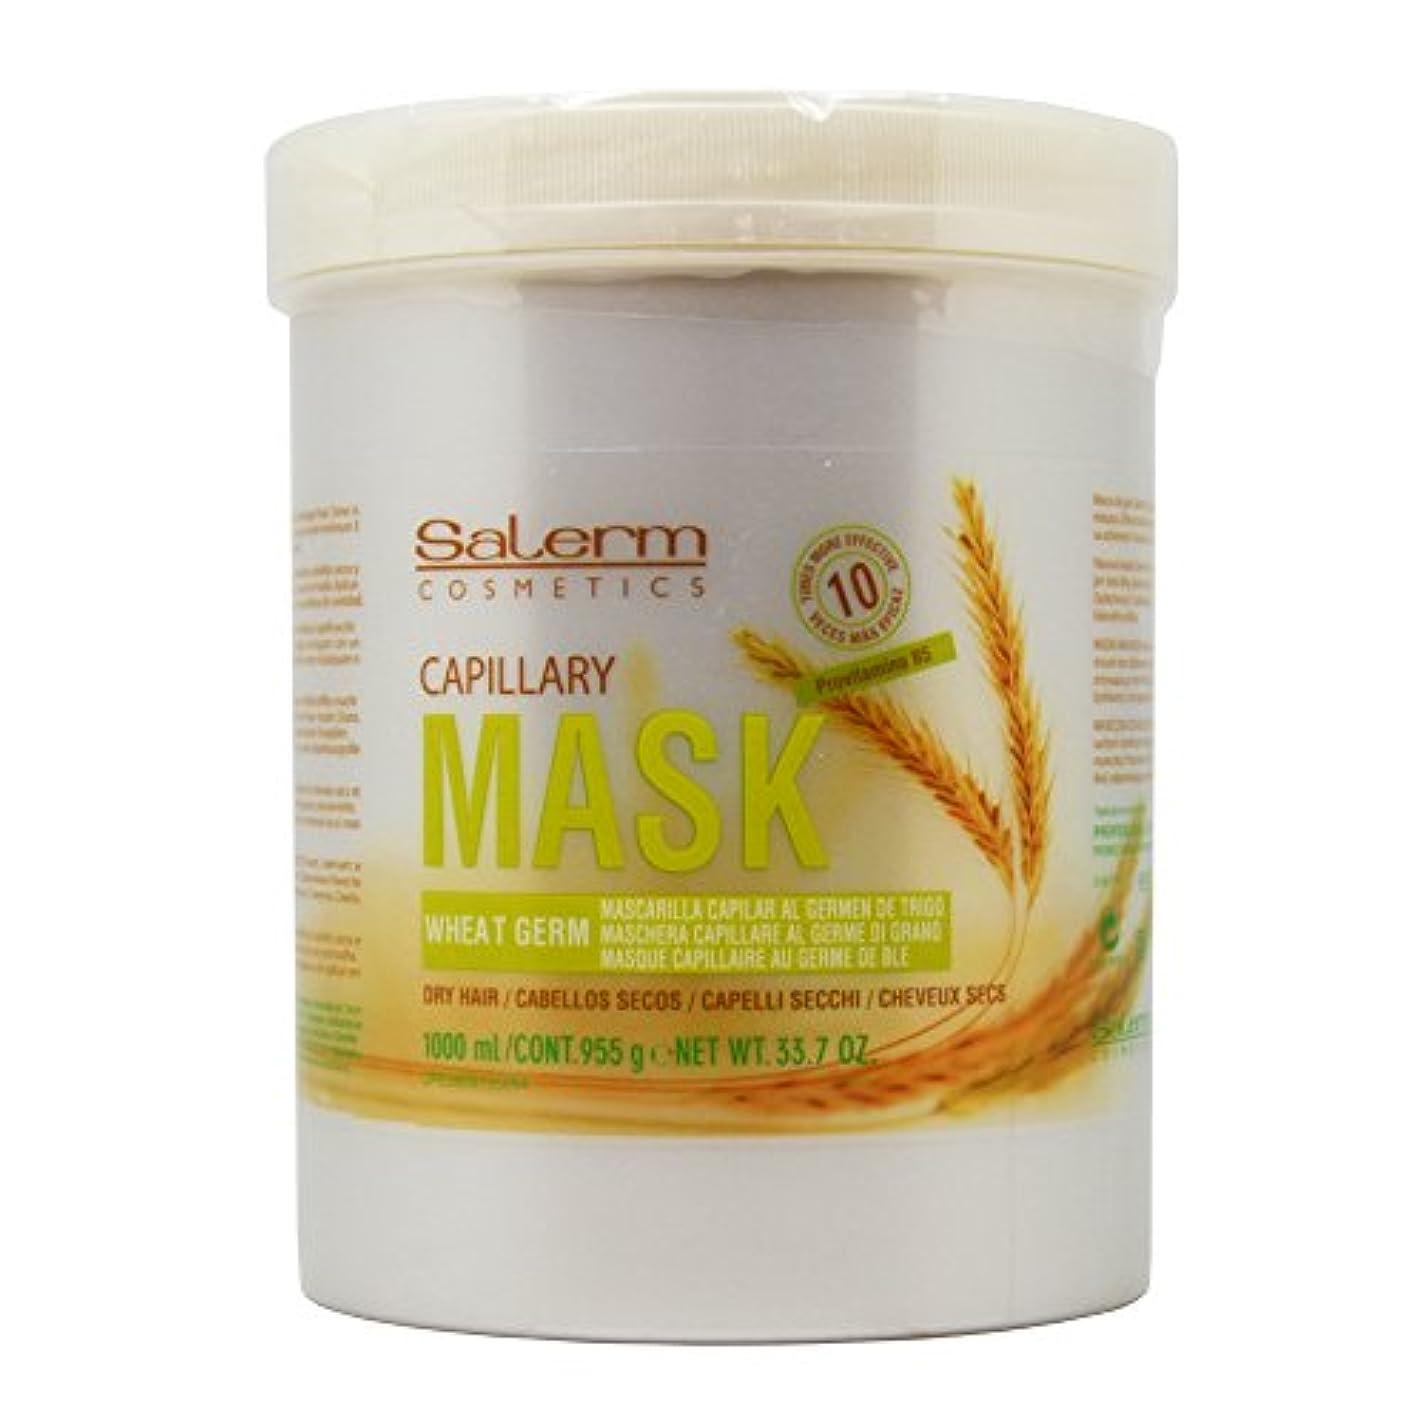 規範褐色手入れCapillary Mask by Salerm Salerm化粧品小麦胚芽キャピラリーマスク、ドライ髪のためのプロビタミンB5 33.7オンス/千ミリリットル - largeリットルサイズ